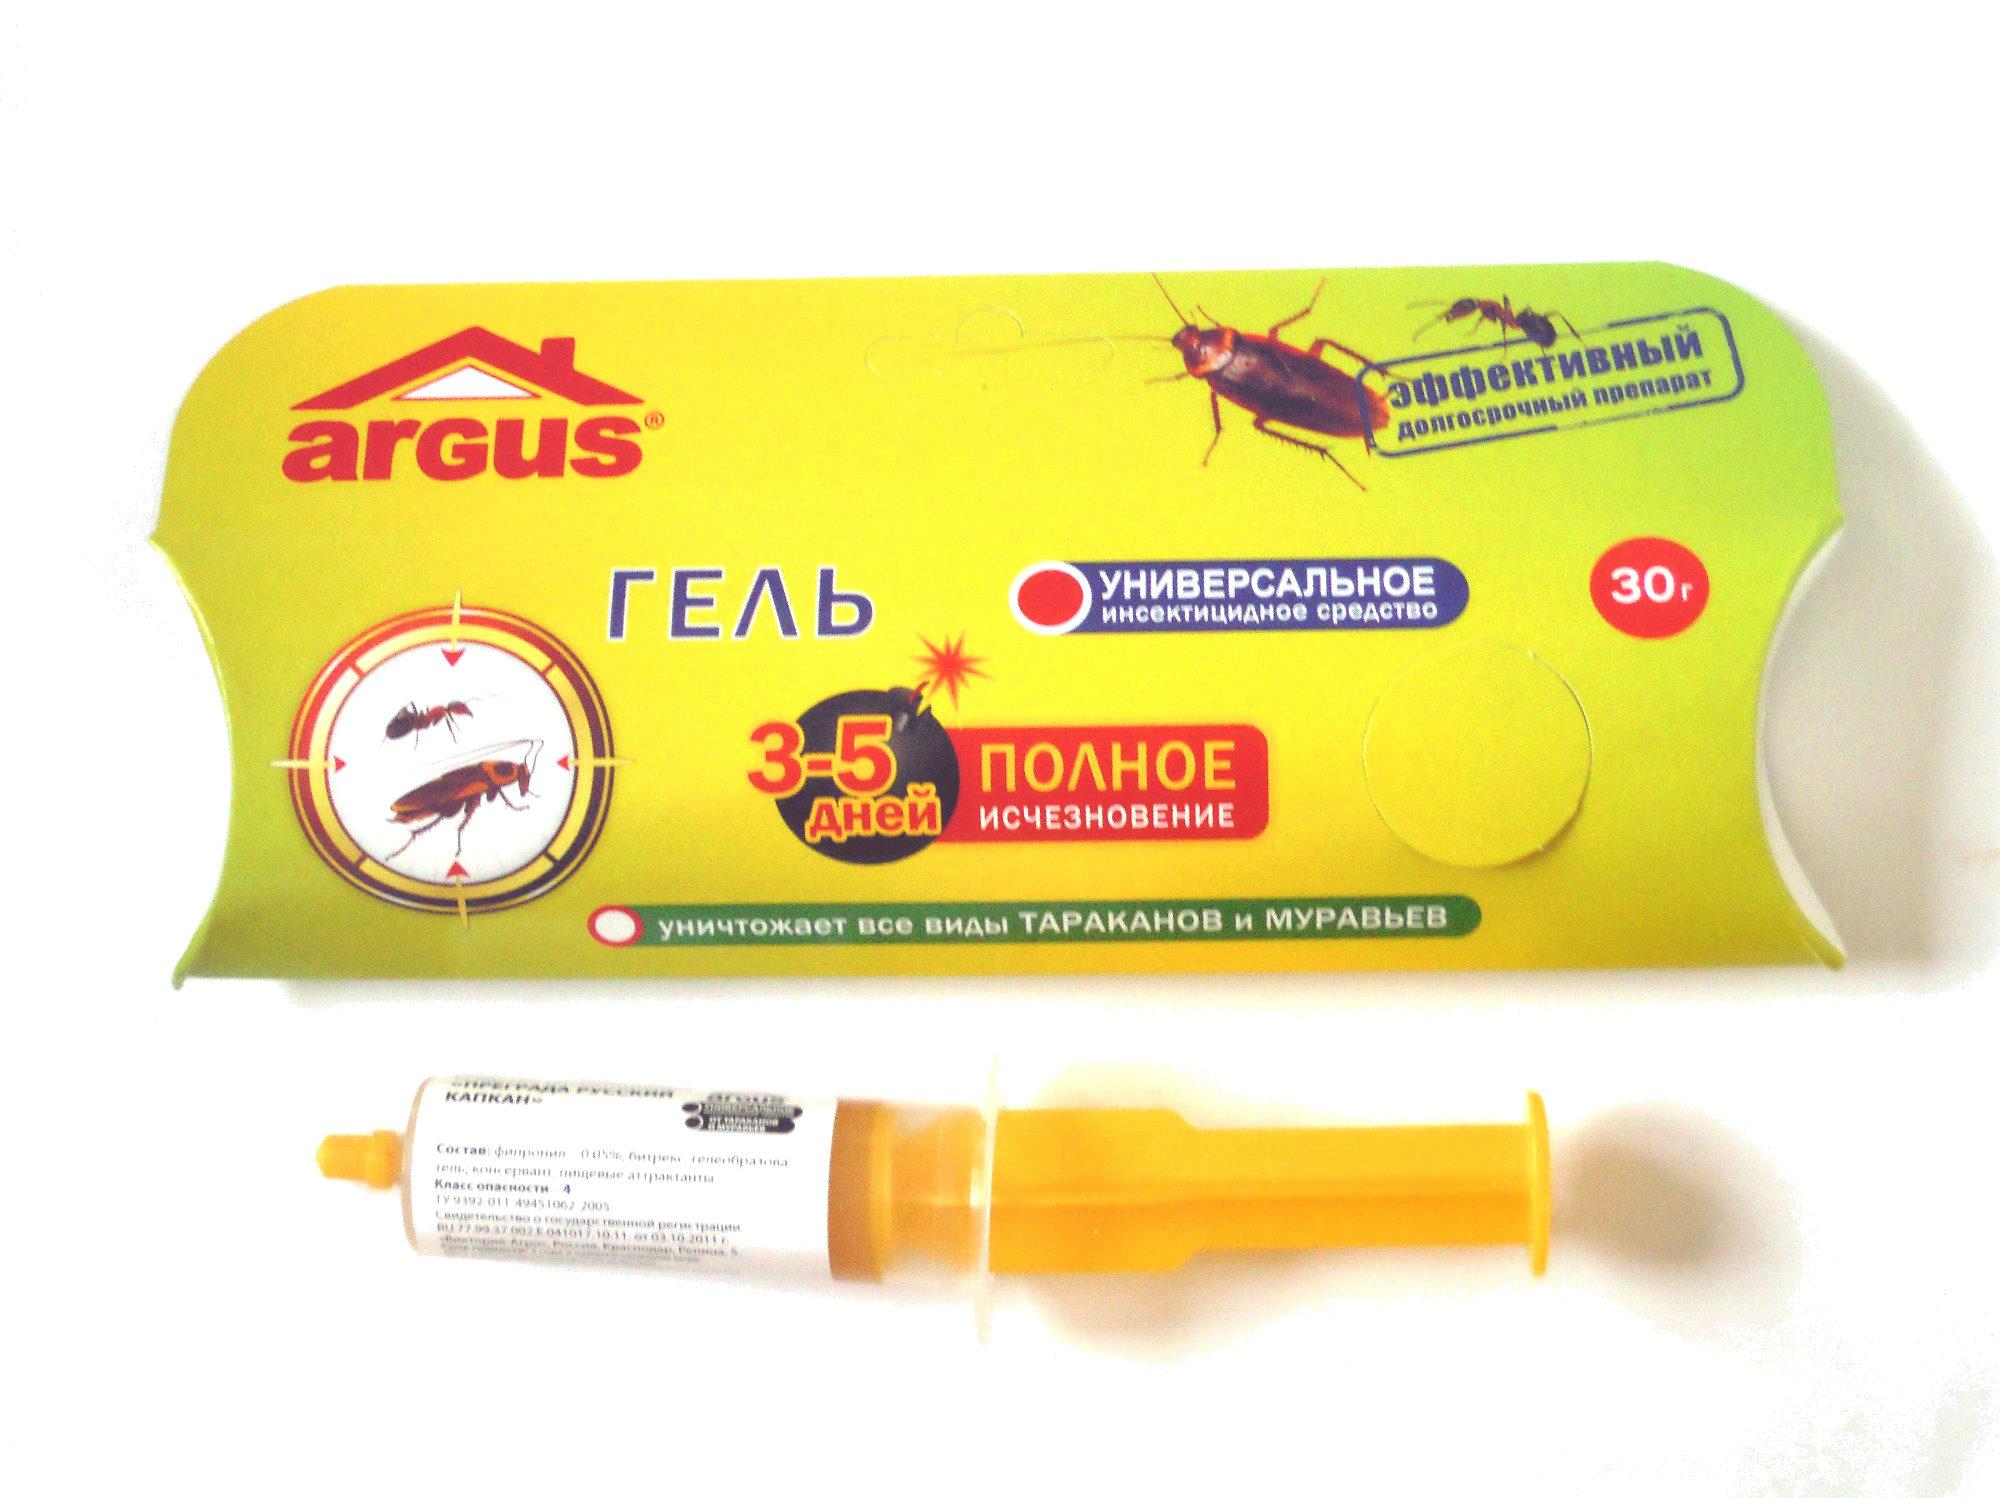 Гель (уничтожает все виды тараканов и муравьев) - Product - ru